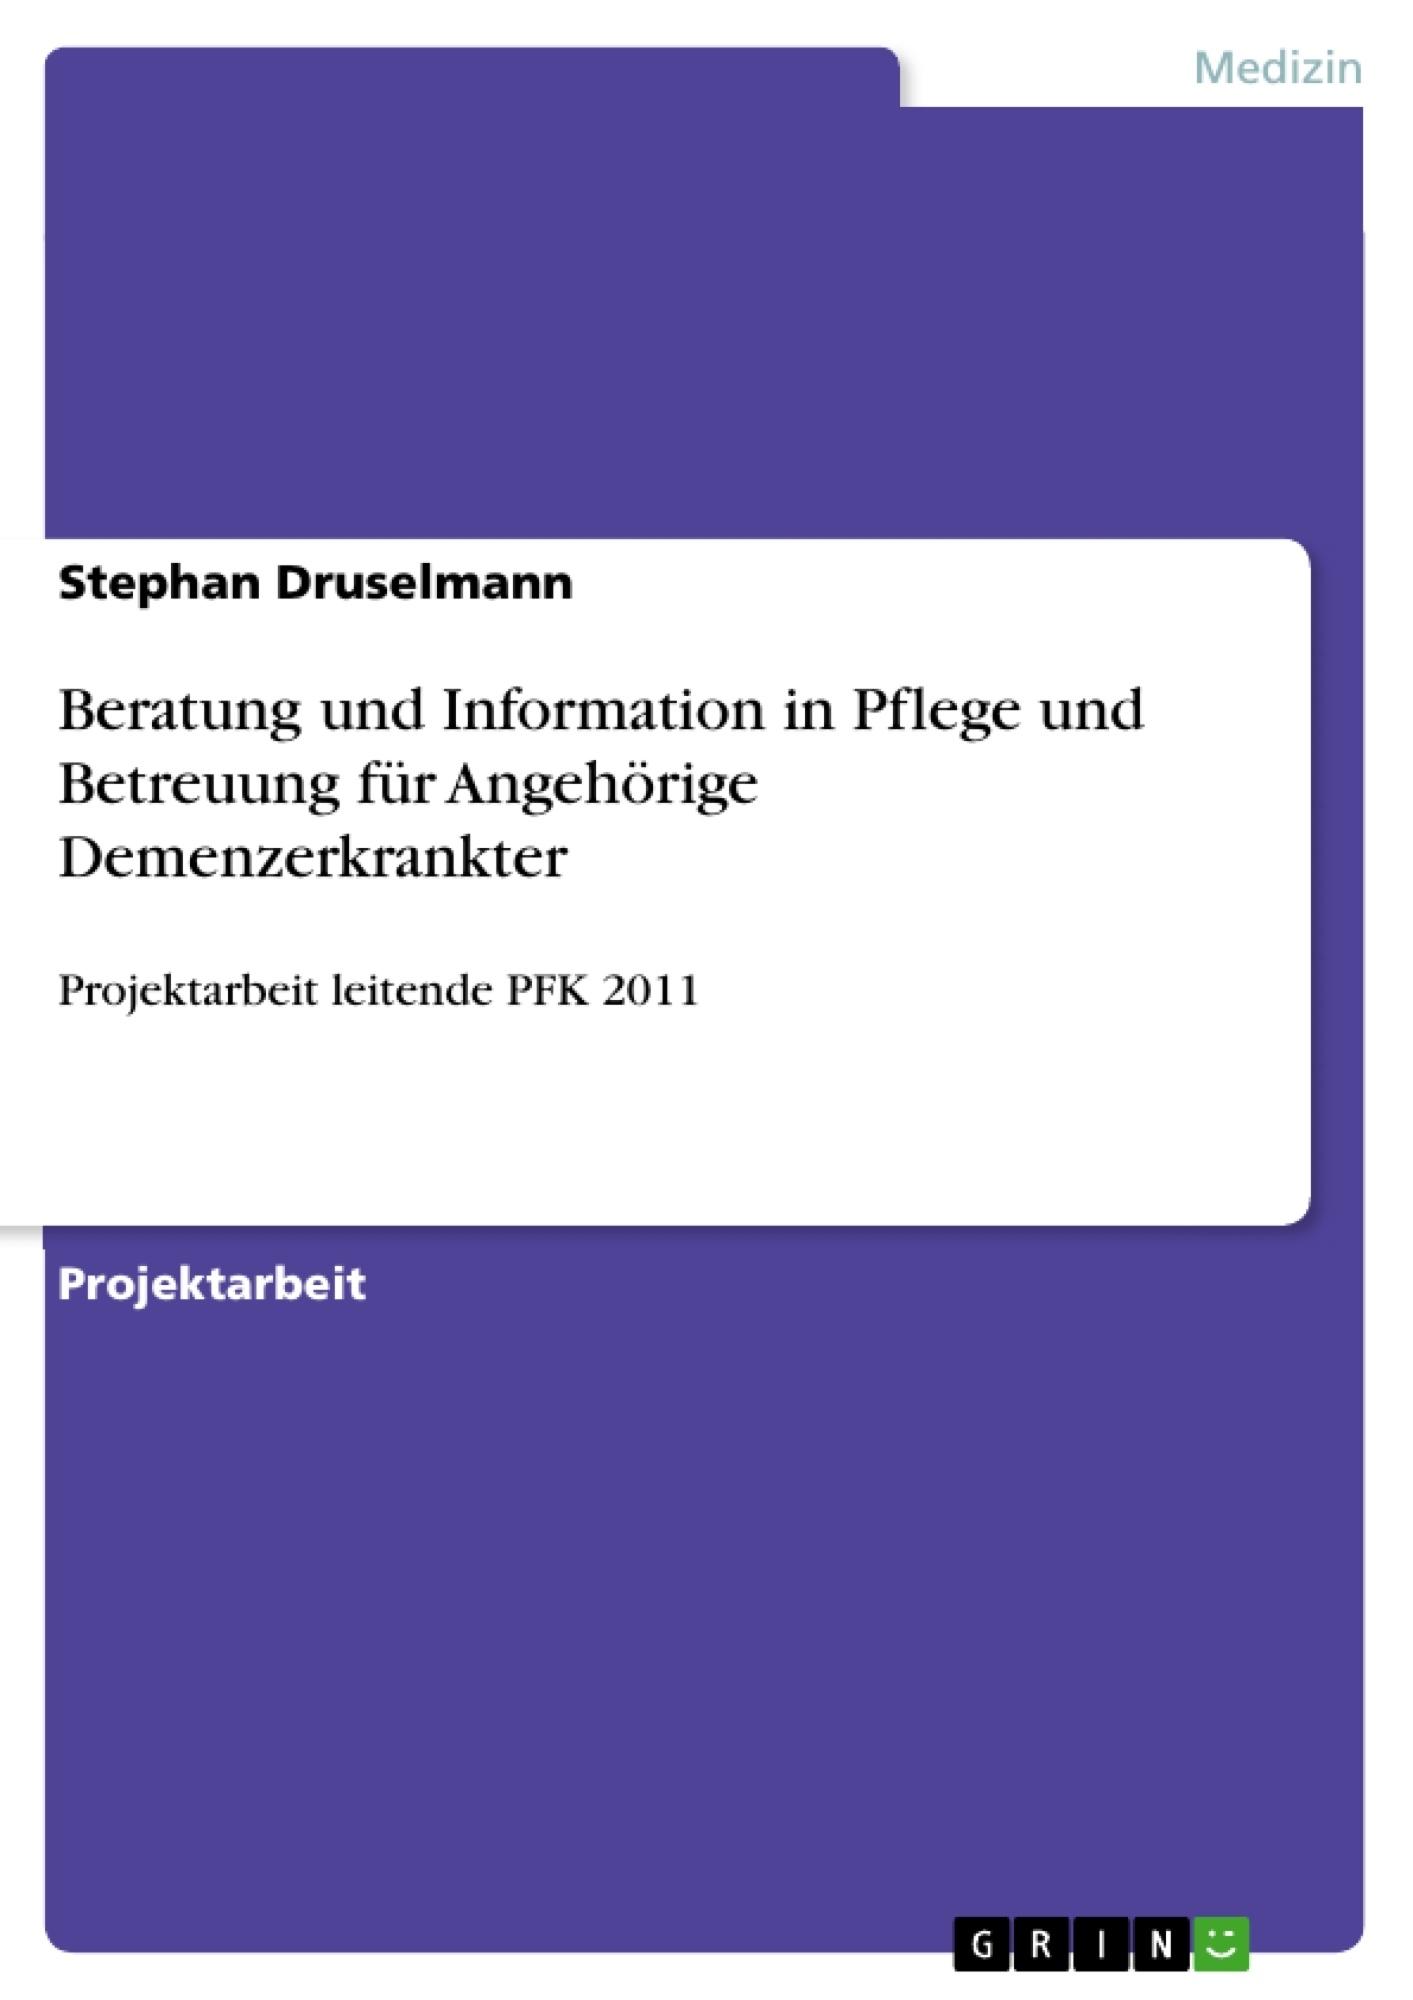 Titel: Beratung und Information in Pflege und Betreuung für Angehörige Demenzerkrankter